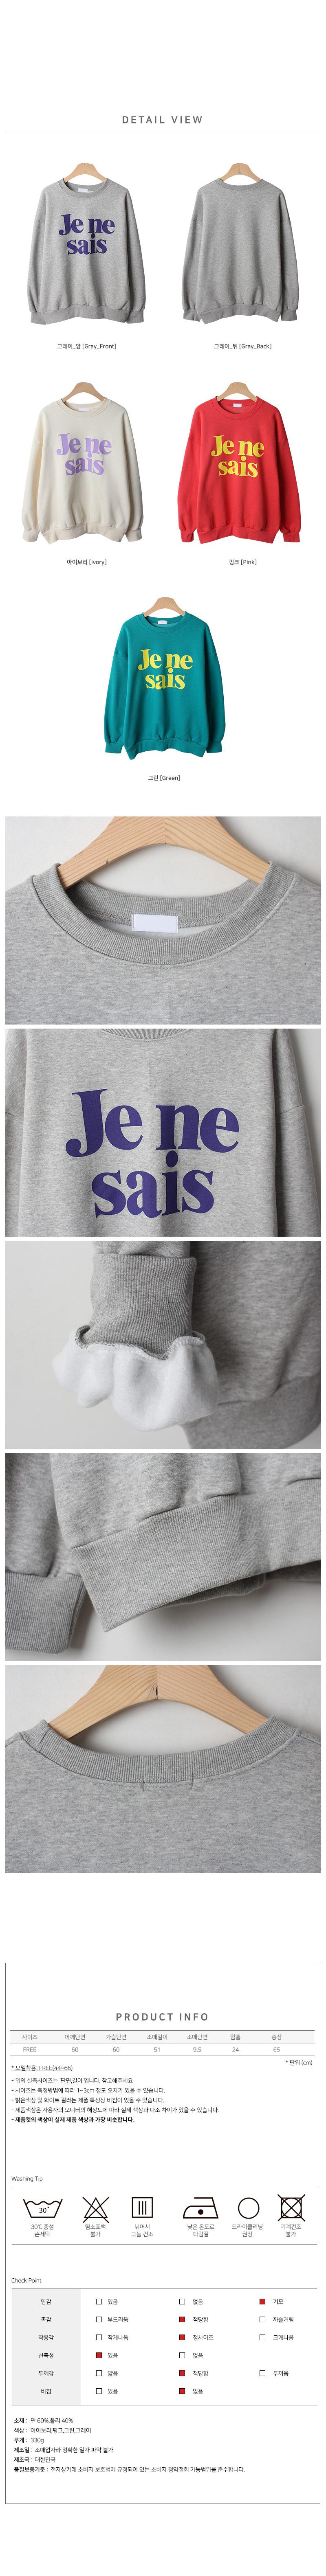 Jenny sei lettering napping sweat shirt